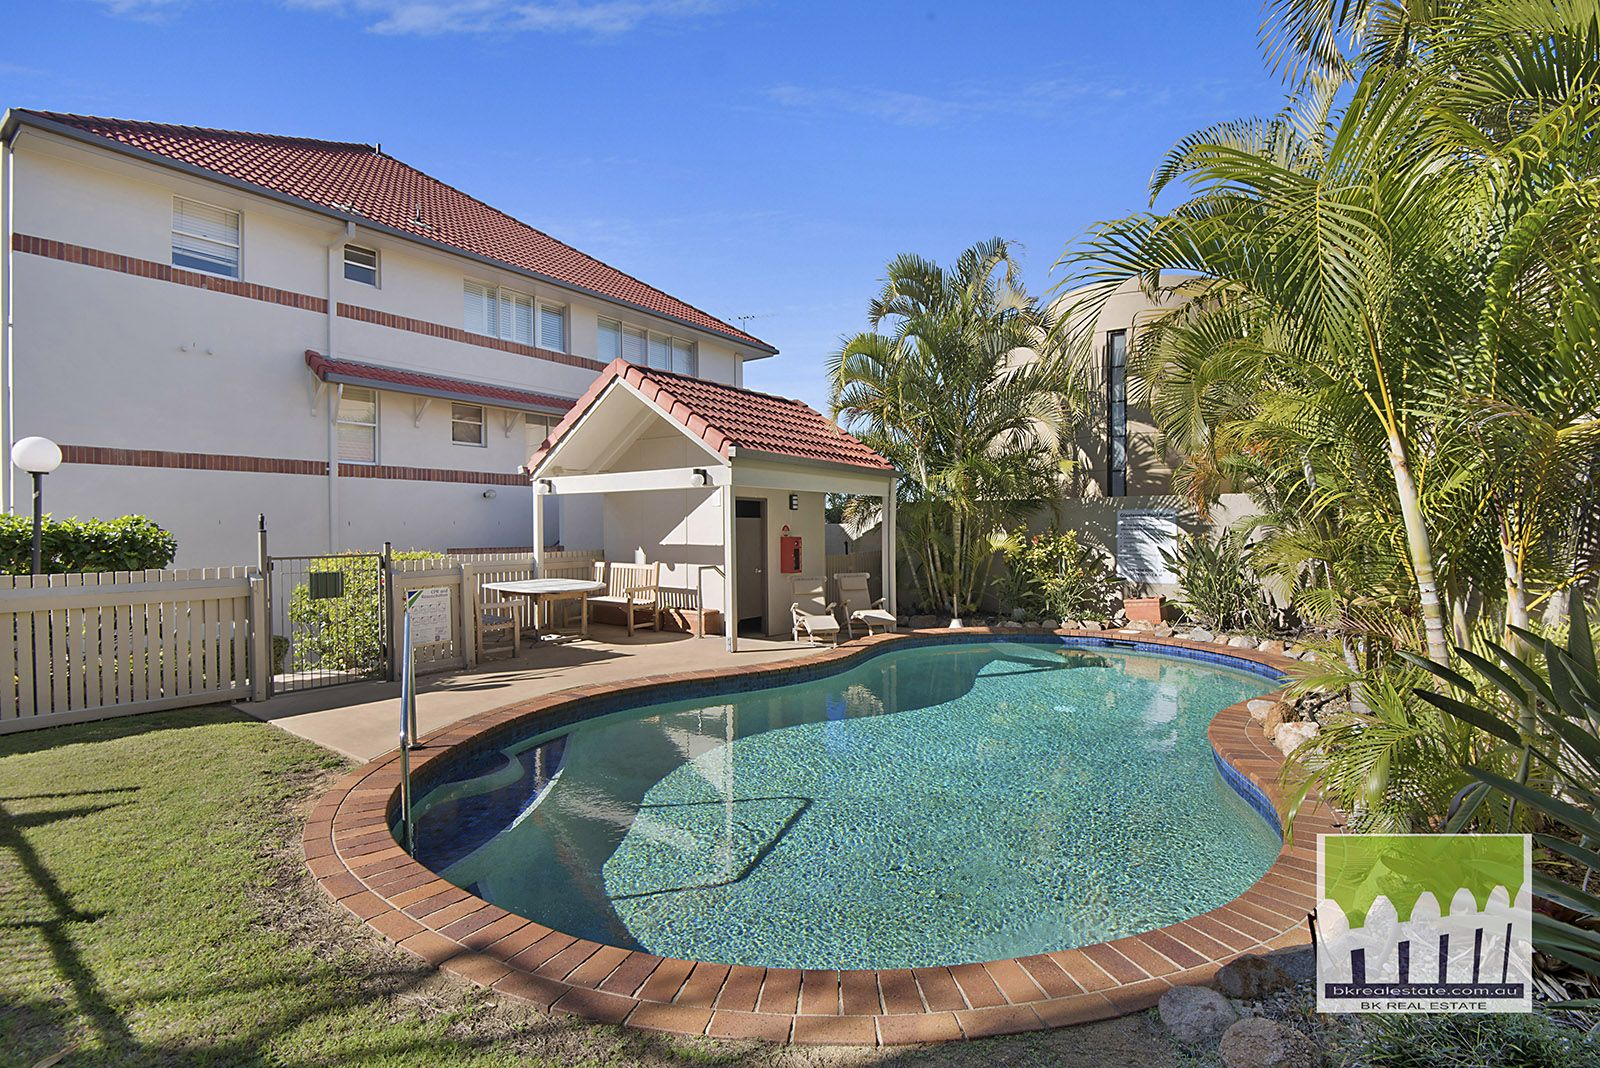 4/17 Whyenbah St, Hamilton QLD 4007, Image 0